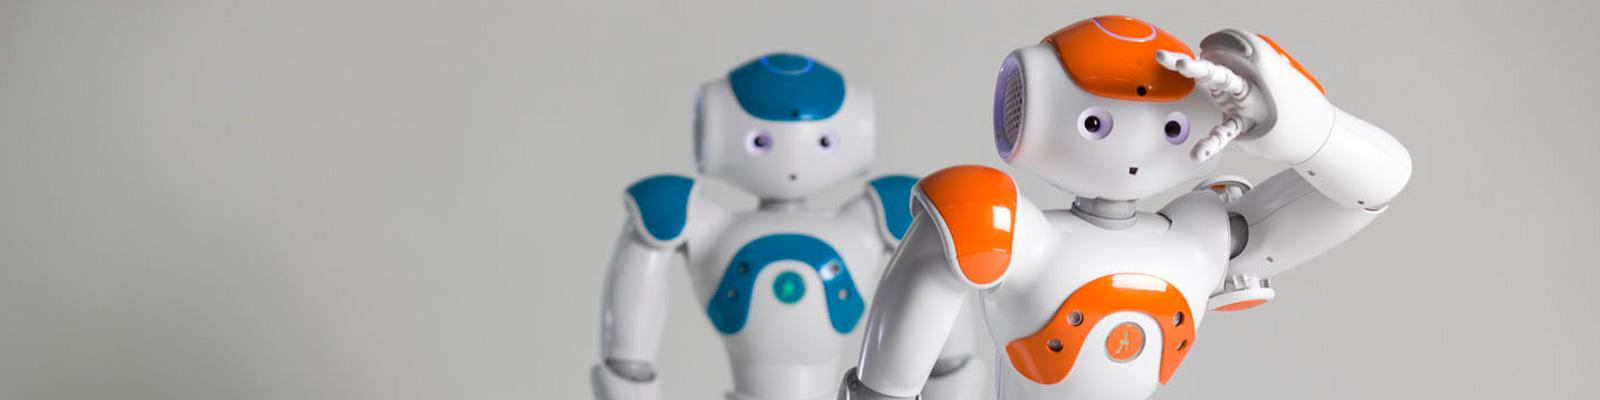 ¿A quién crees que sustituirá antes el robot NAO y sus sucesores?